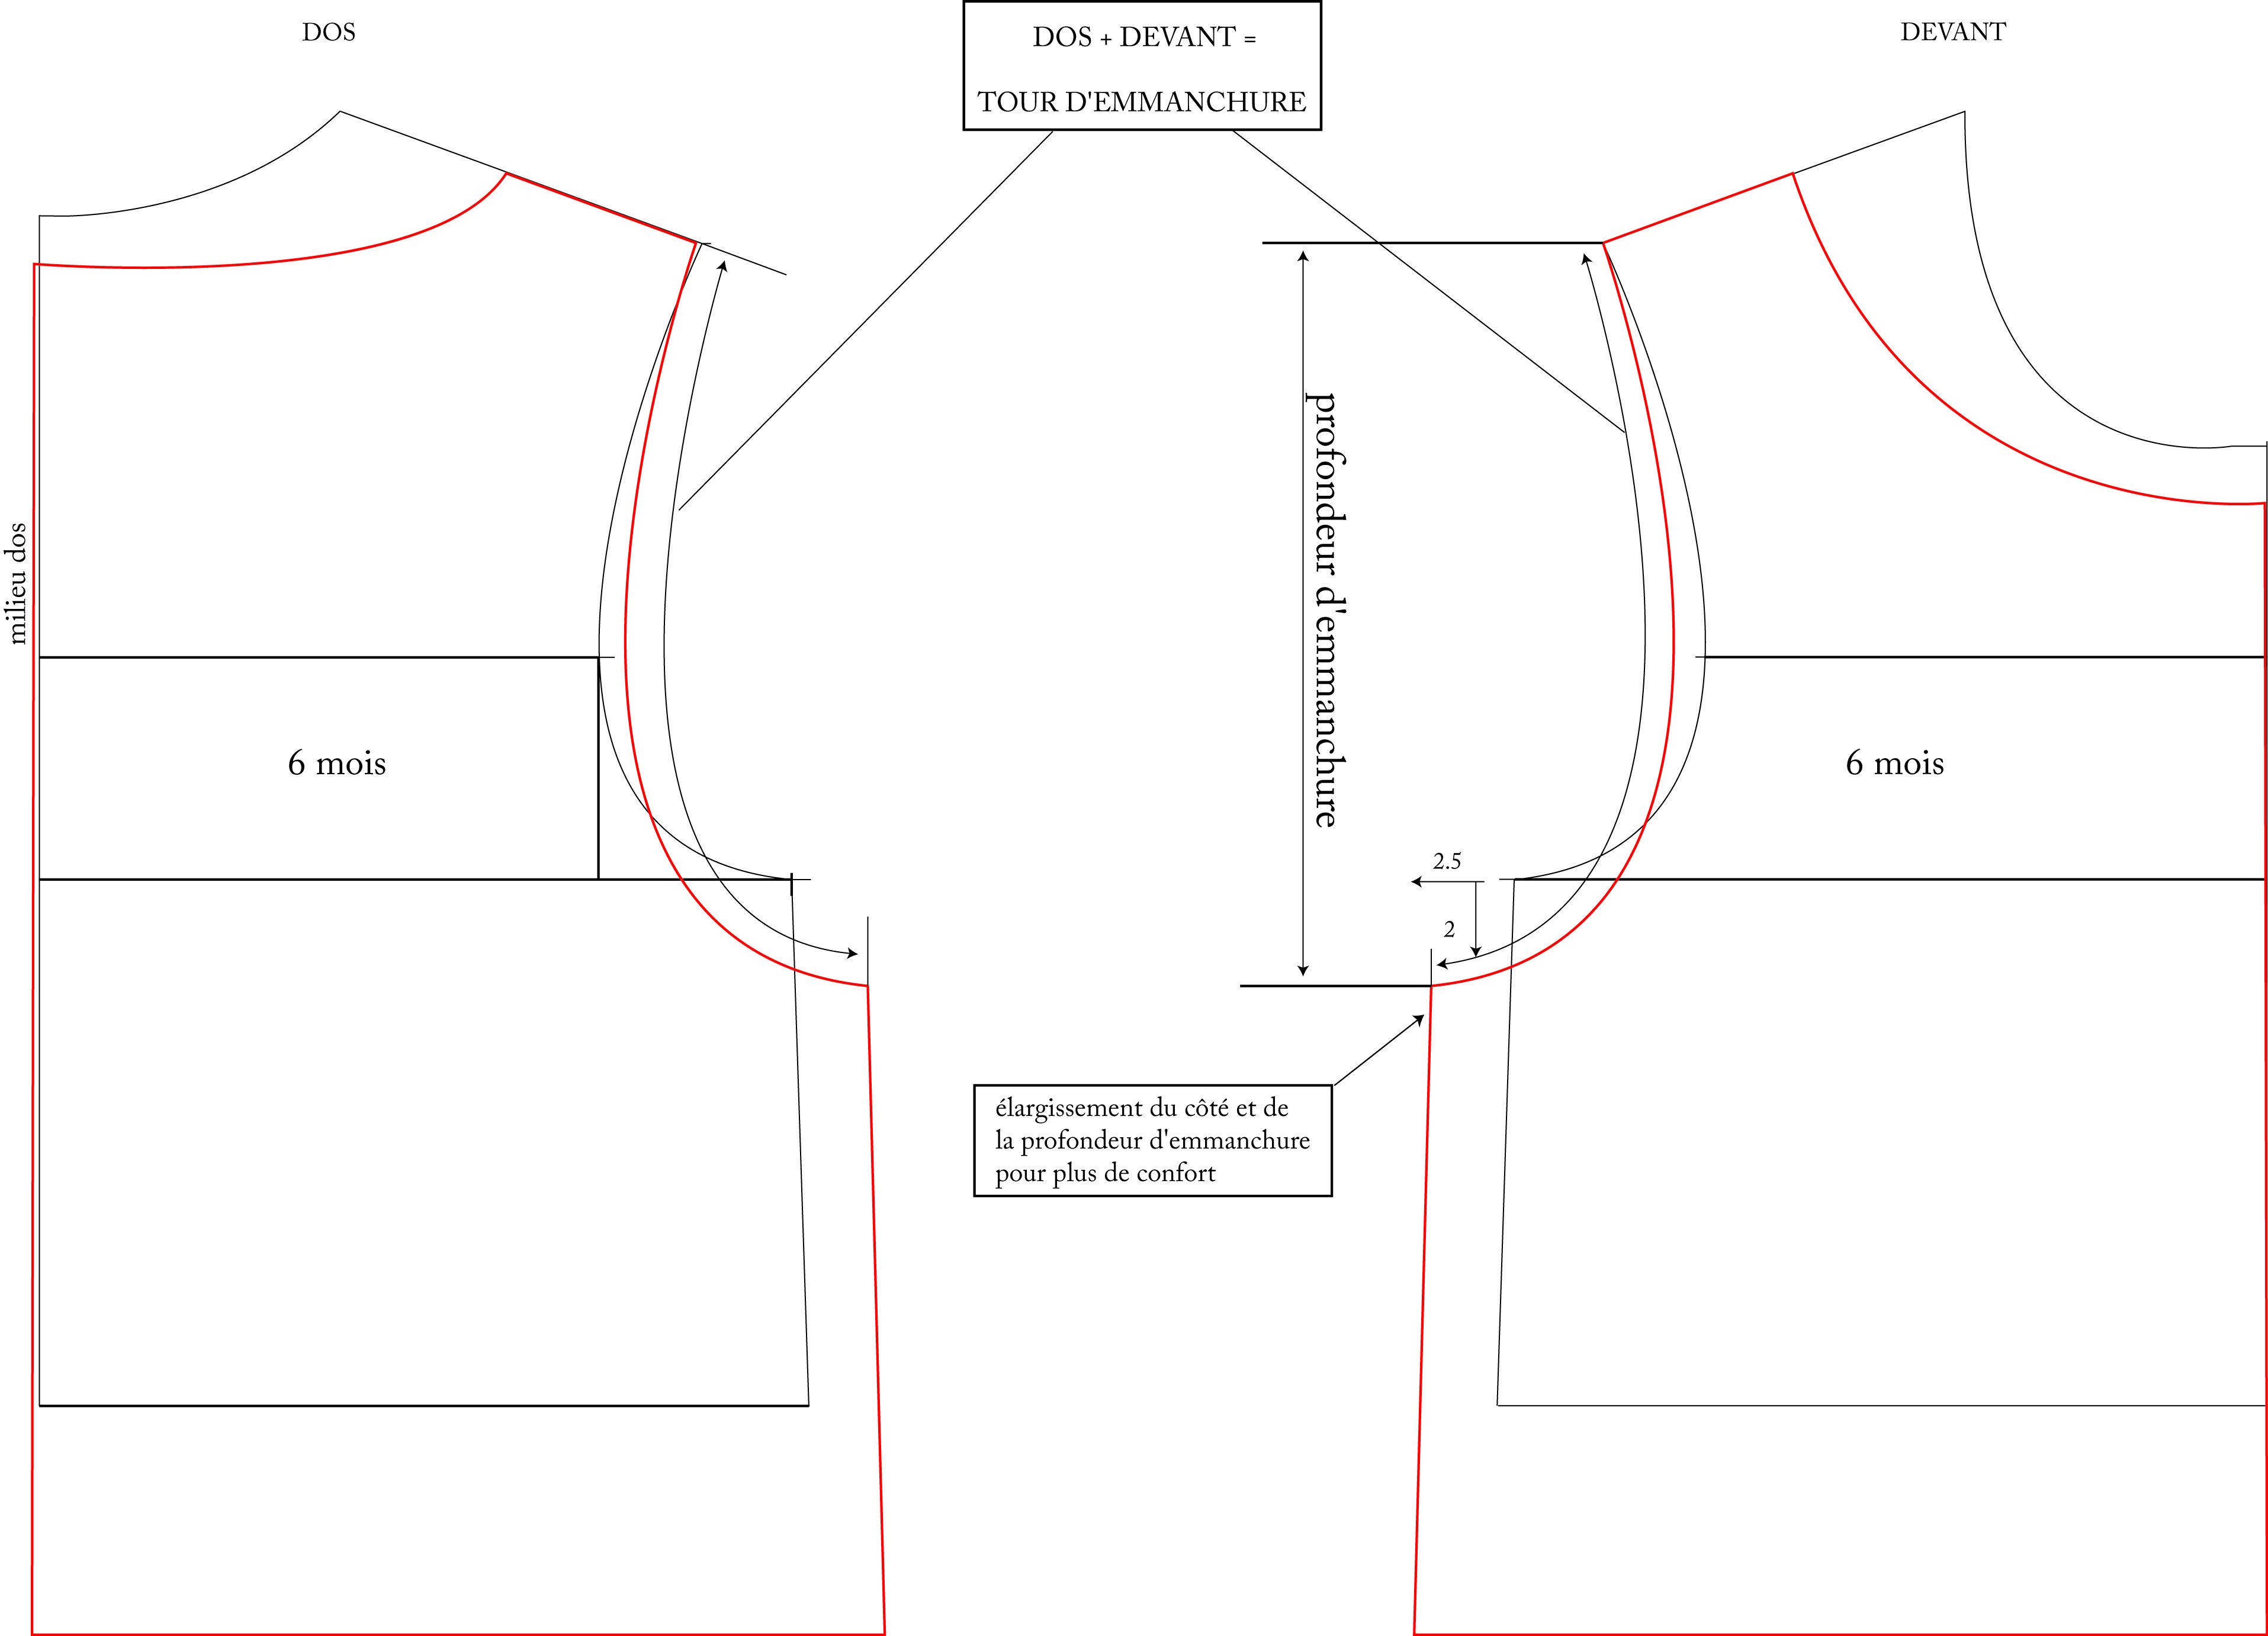 156c8535b64bb profondeur et tour emmanchure base 6mois Debardeur Dentelle